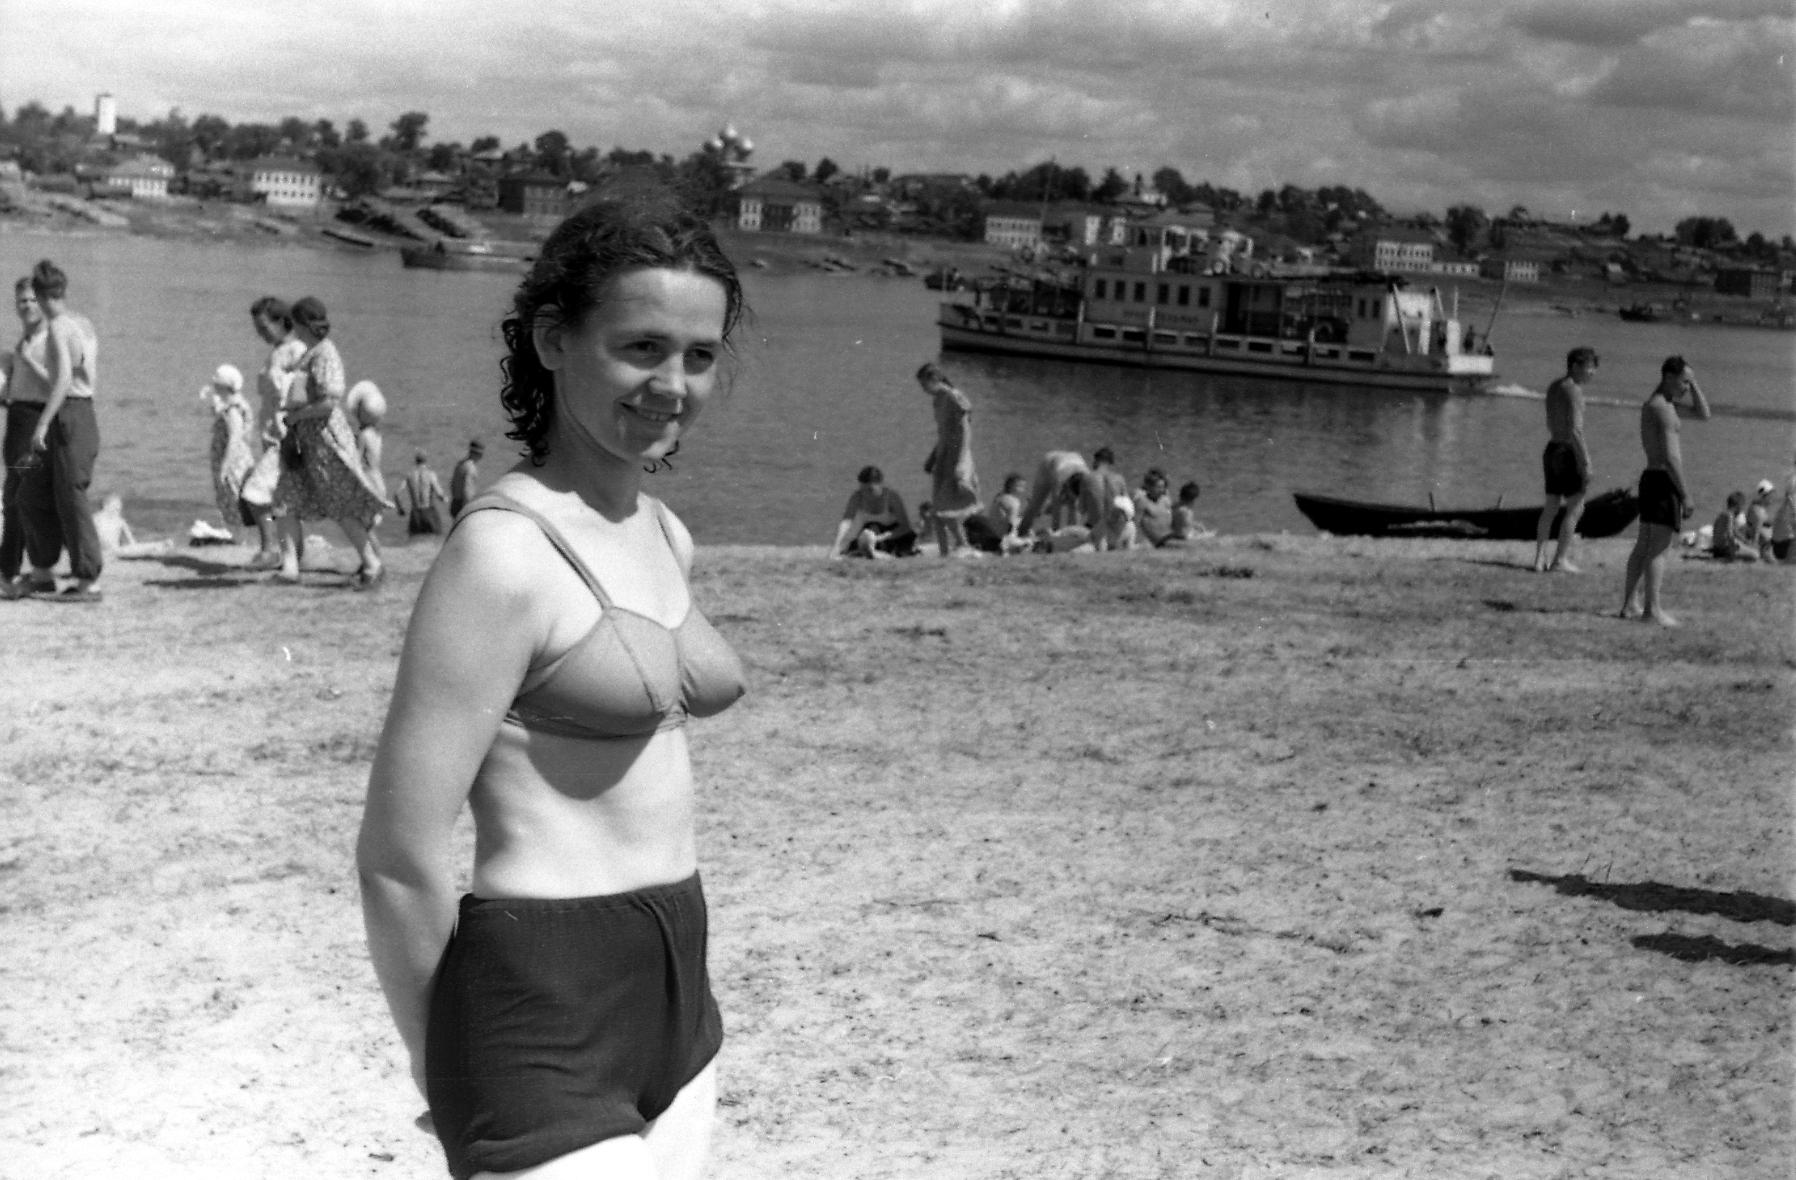 Советские женщины голые, Частная эротика голых женщин из ссср - секс порно фото 4 фотография